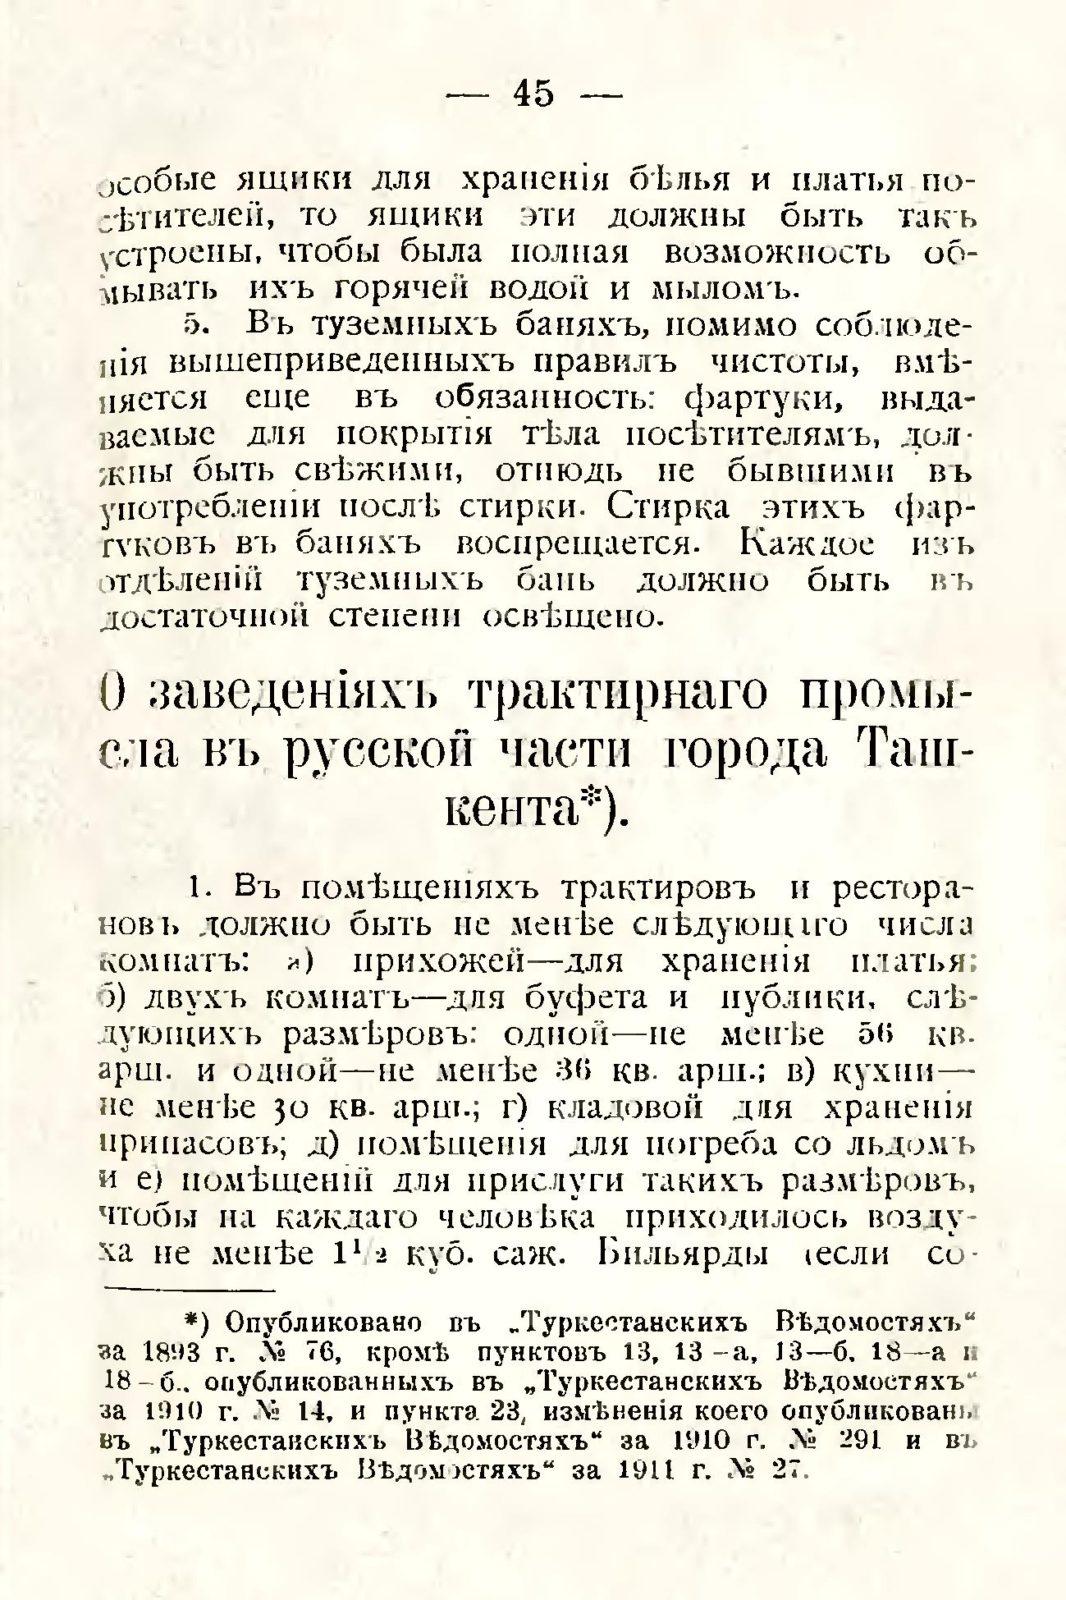 sbornik_obyazatelnyh_postanovlenii_tashkentskoi_gorodskoi_du_49